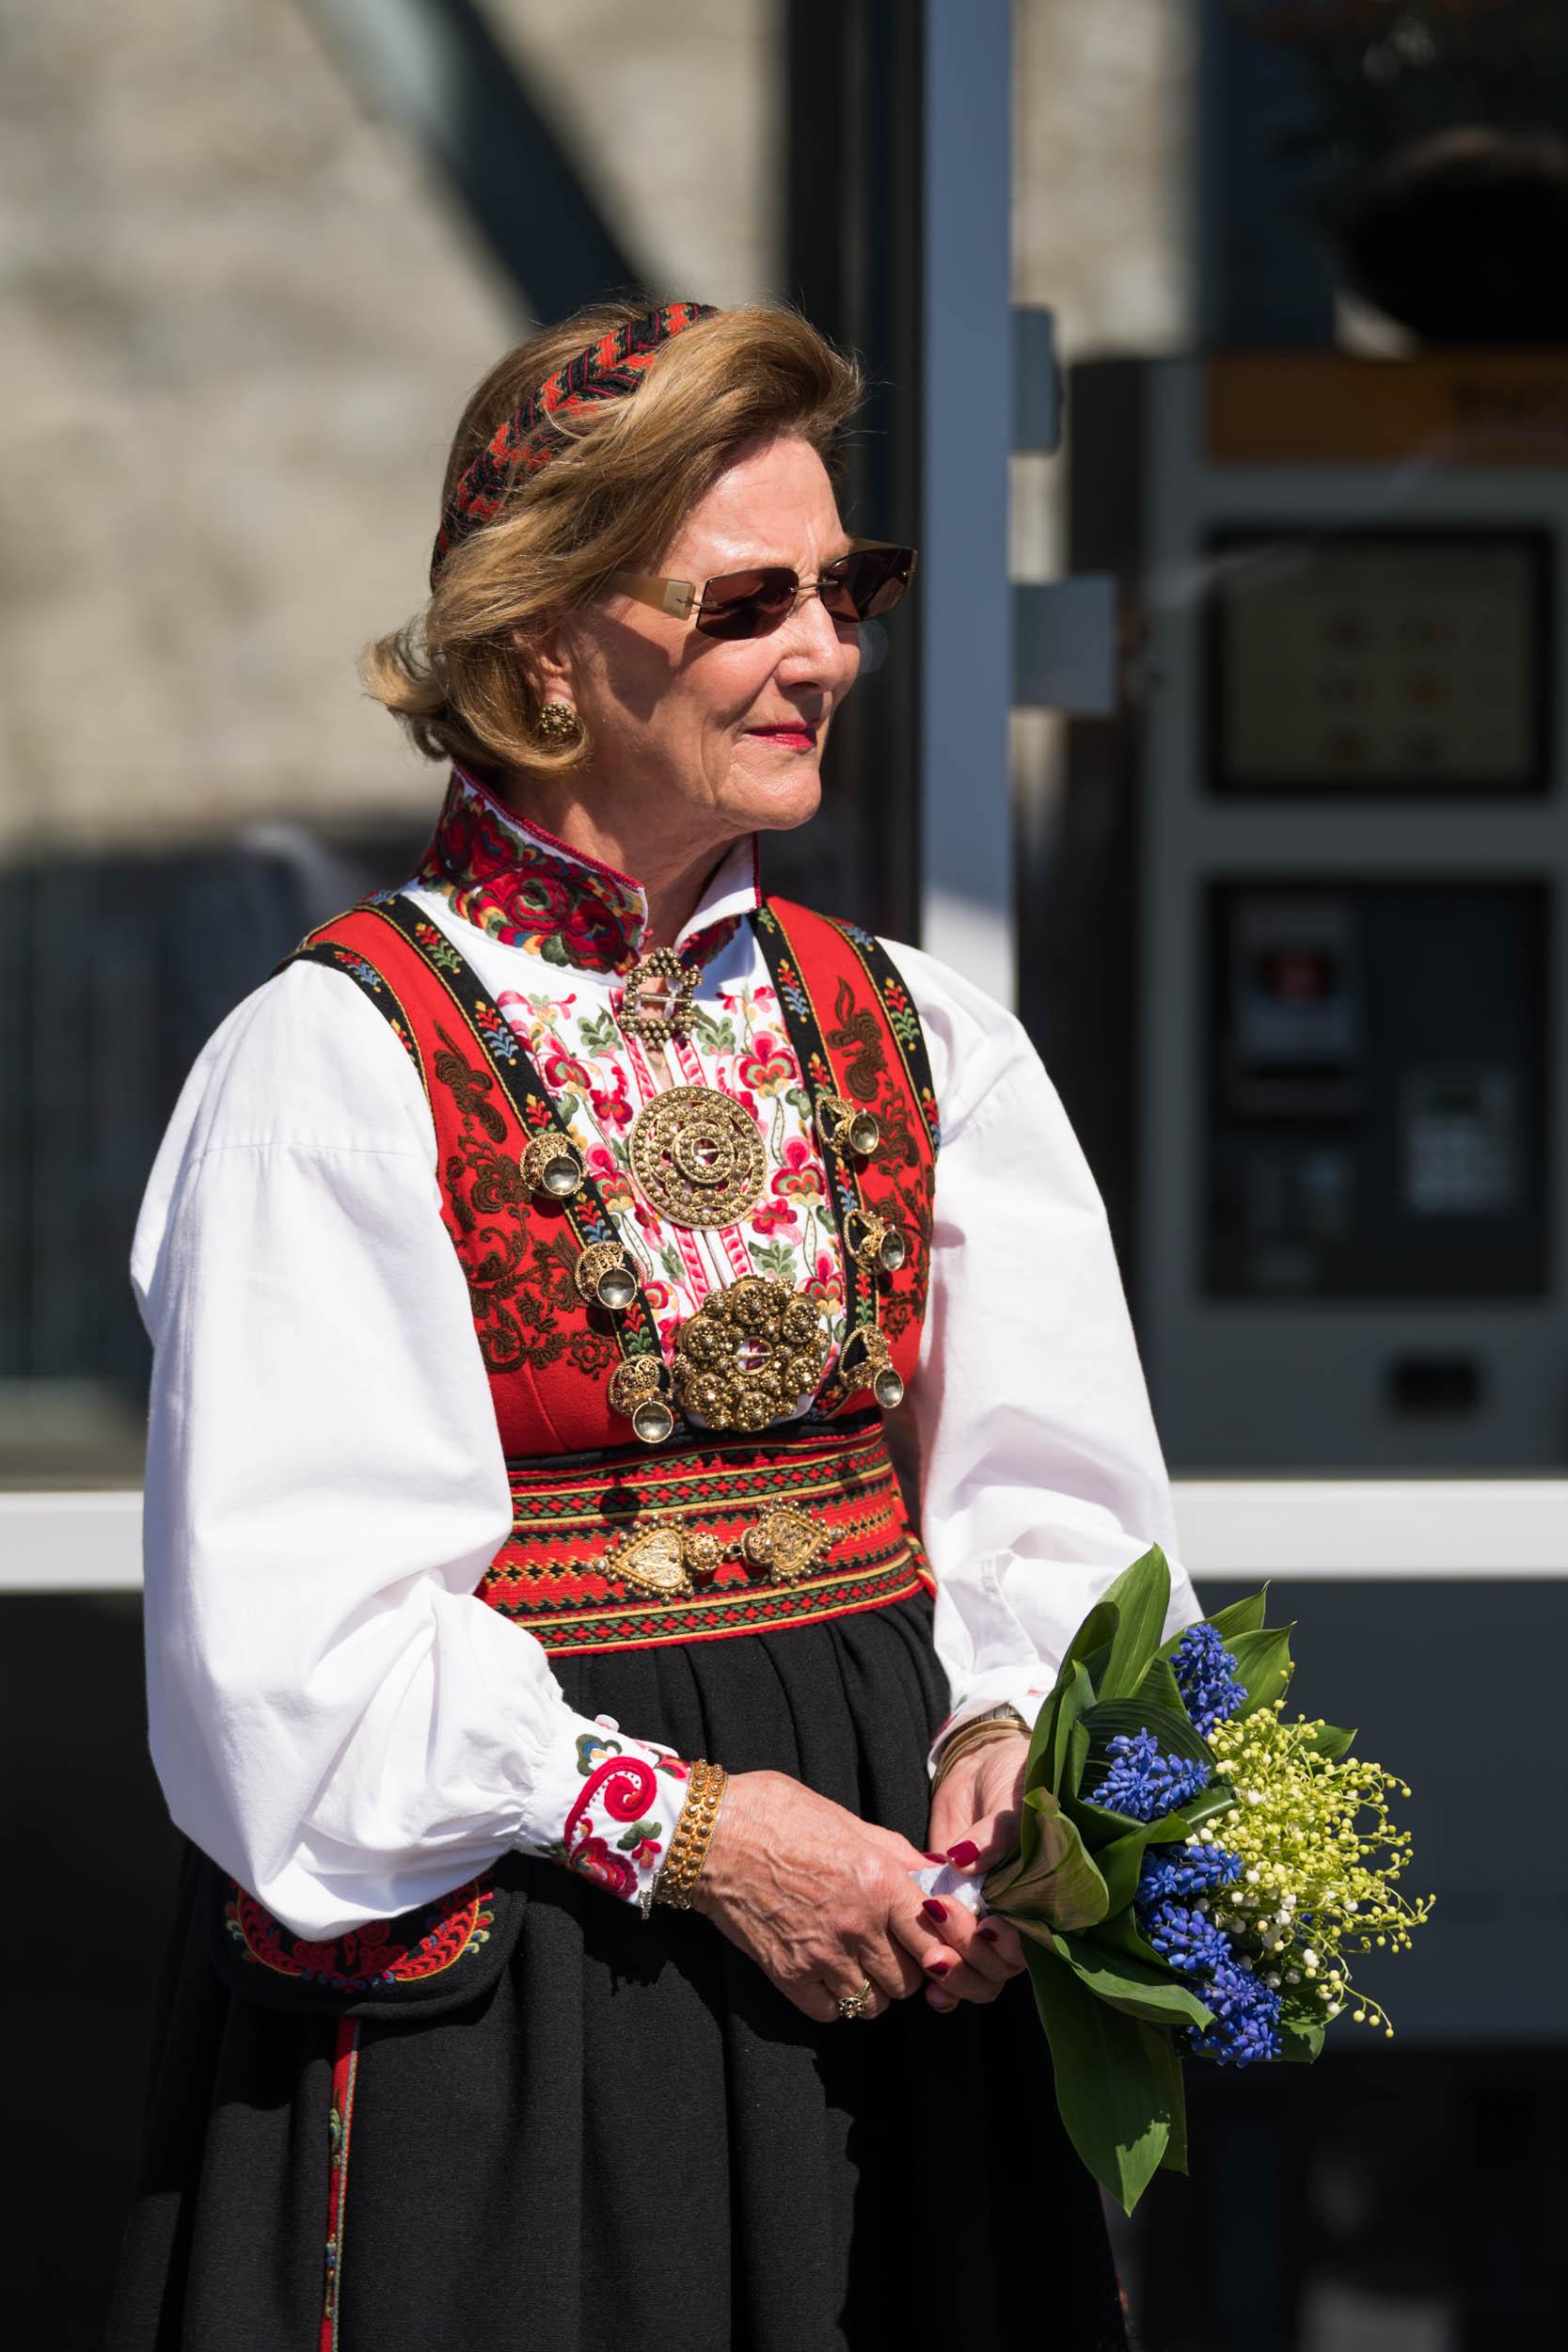 OPNING LOEN SKYLIFT 20. MAI 2017   H.M. Dronning Sonja opna Loen Skylift framfor ei jublande folkemengde i Loen.  Sjå bilete frå den høgtidelege opninga her.  Alle foto: Bård Basberg